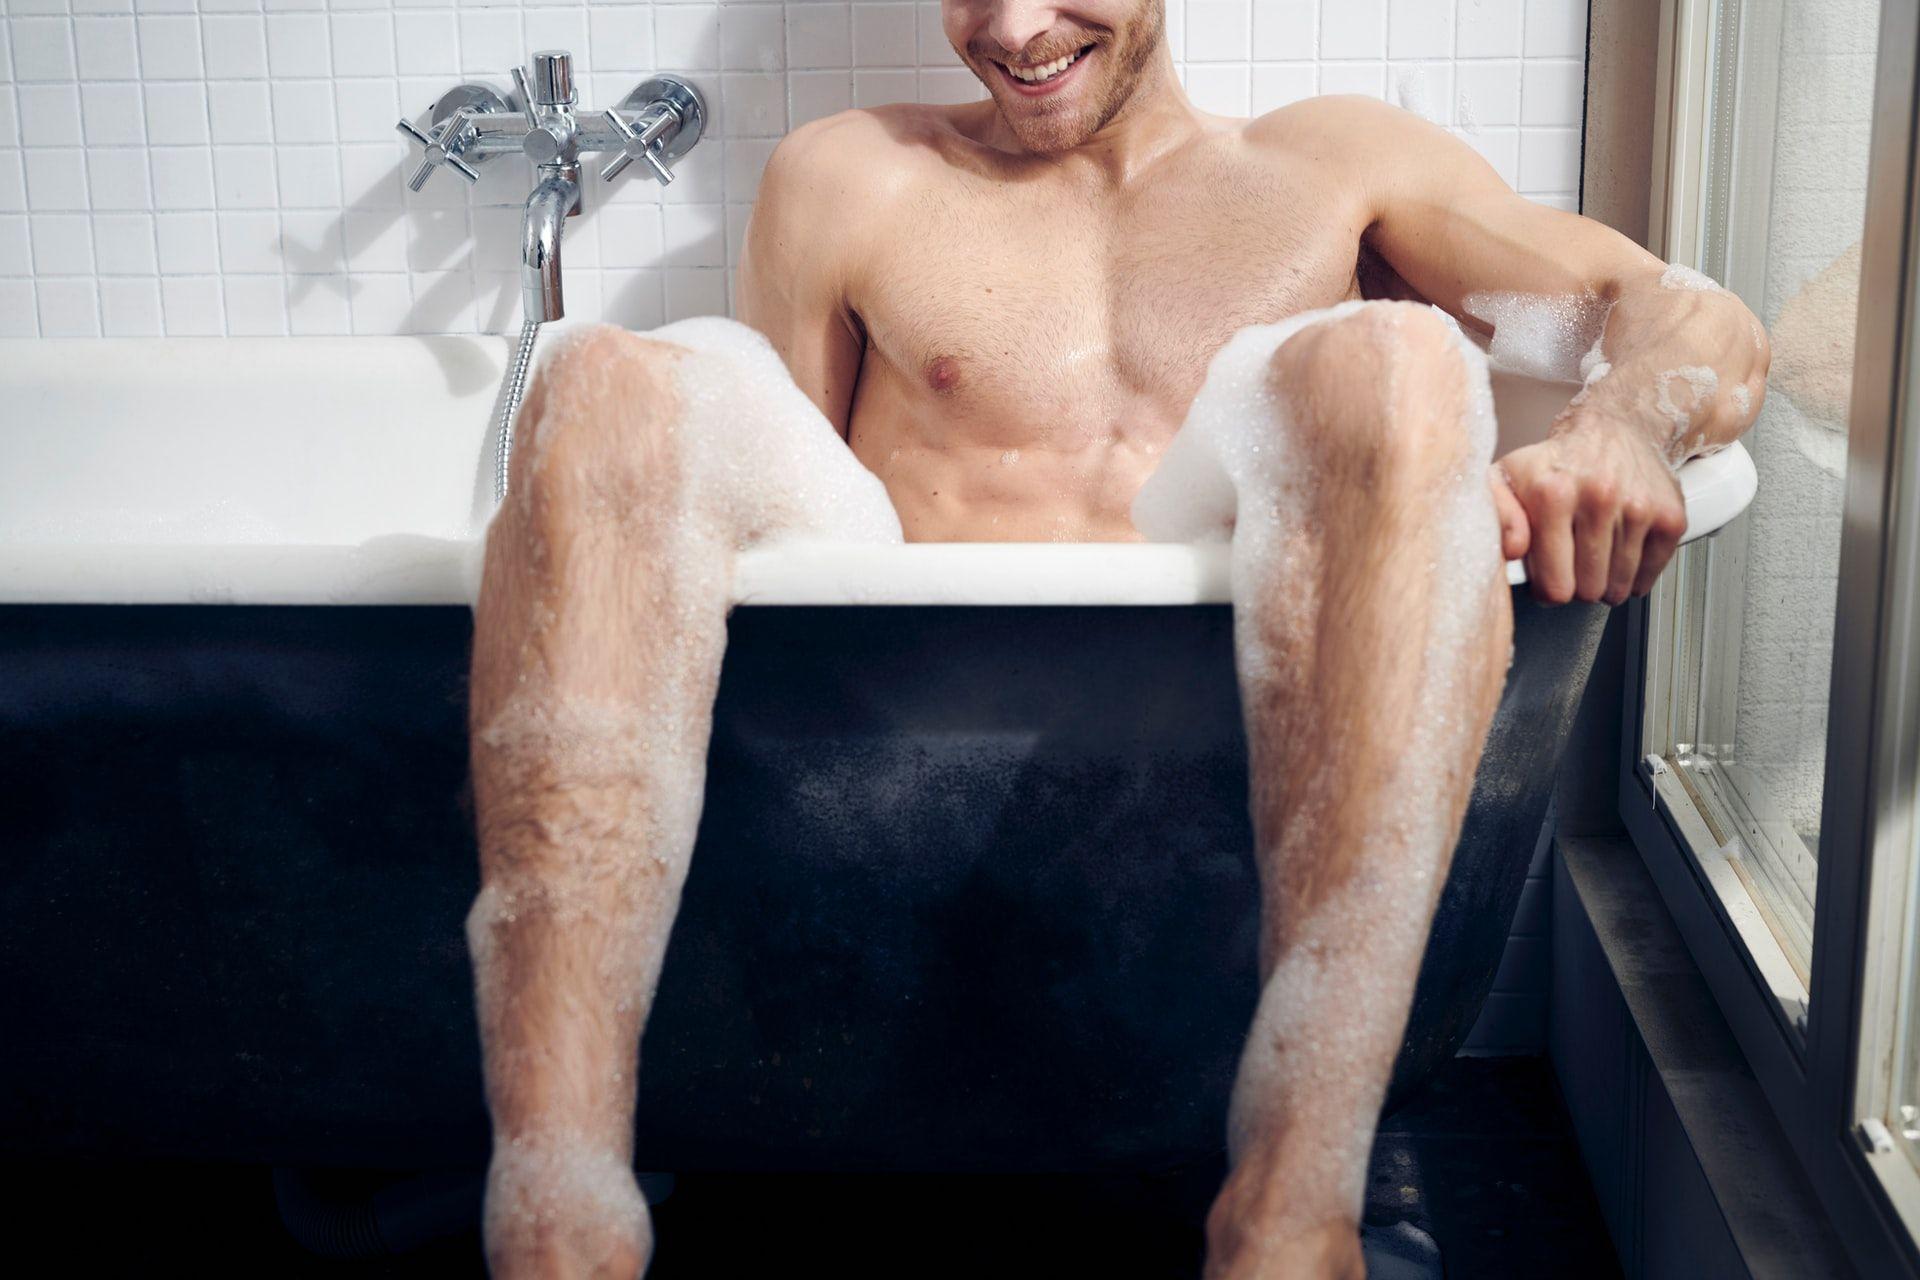 Іспанський чиновник не вимкнув камеру й випадково прийняв душ у прямому ефірі